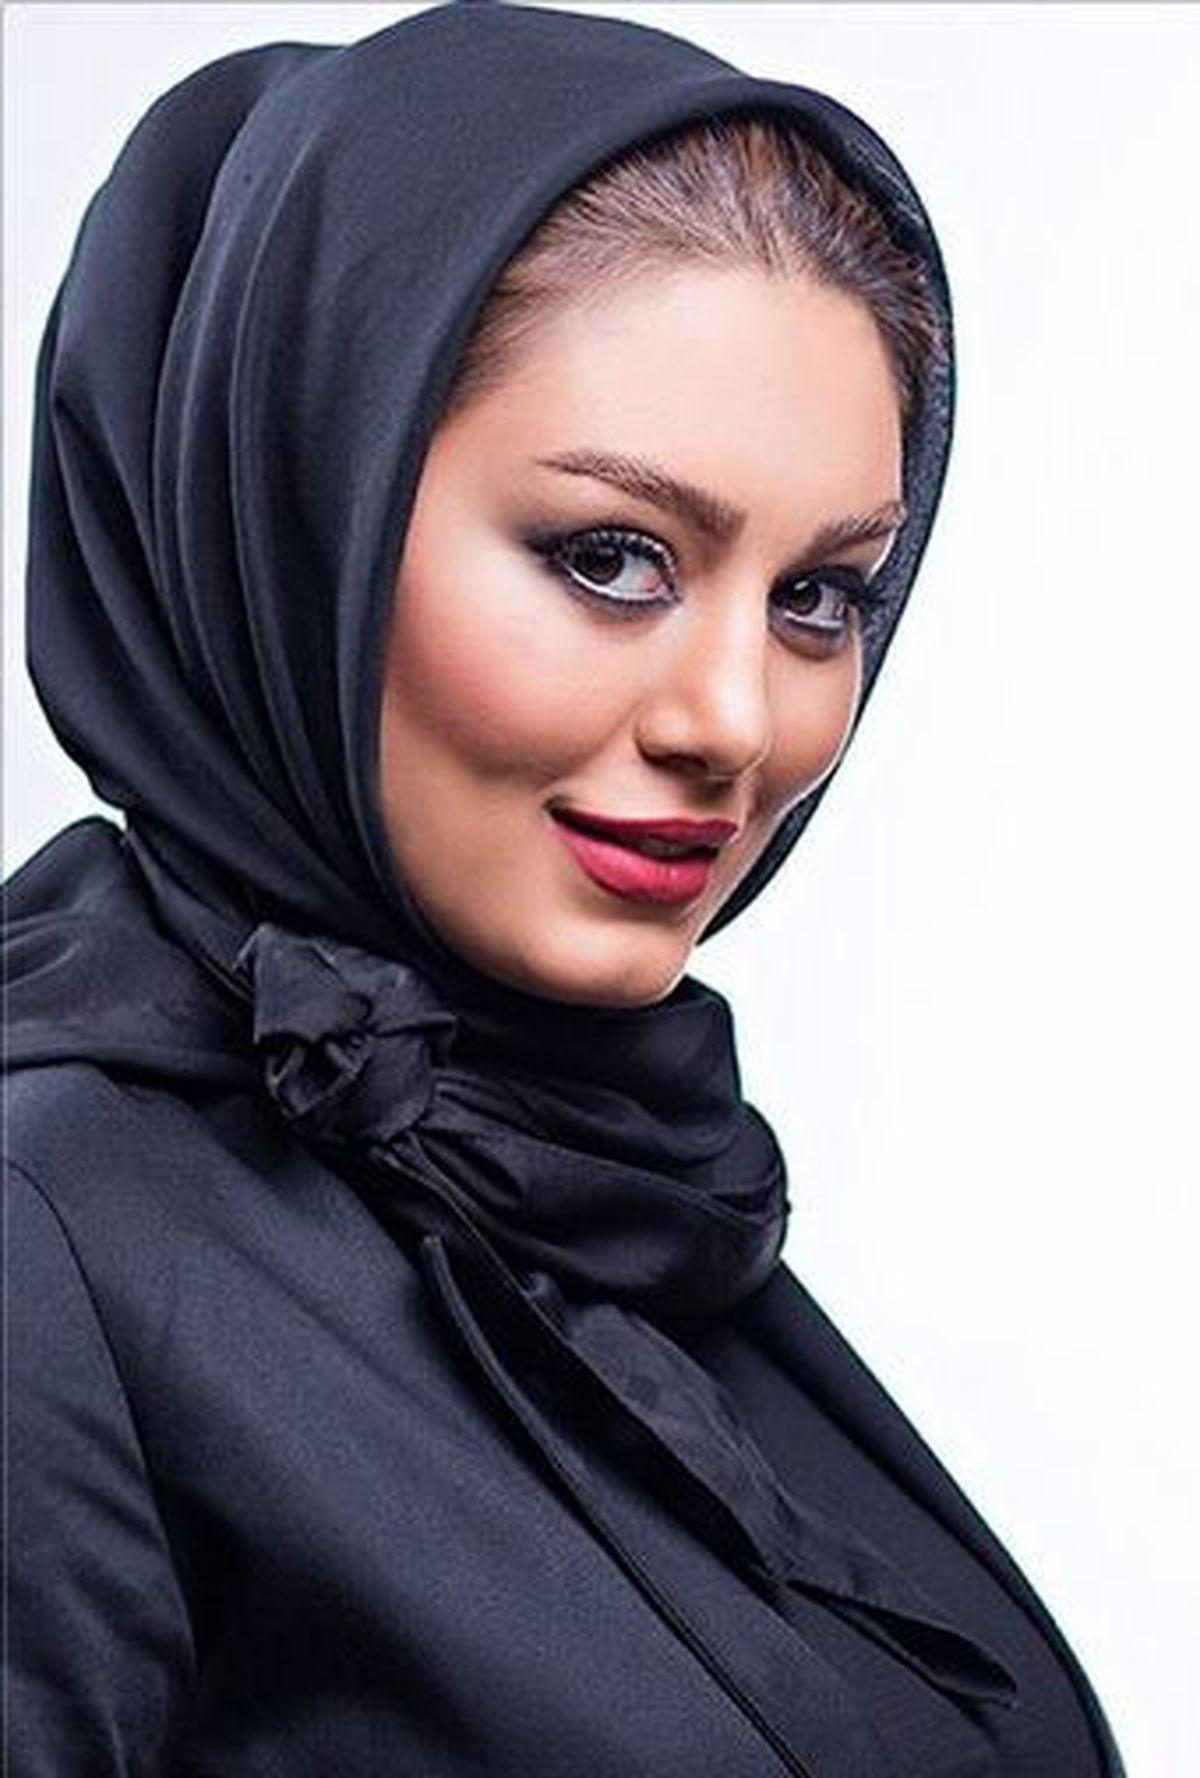 حلقه ازدواج سحر قریشی جنجالی شد + عکس